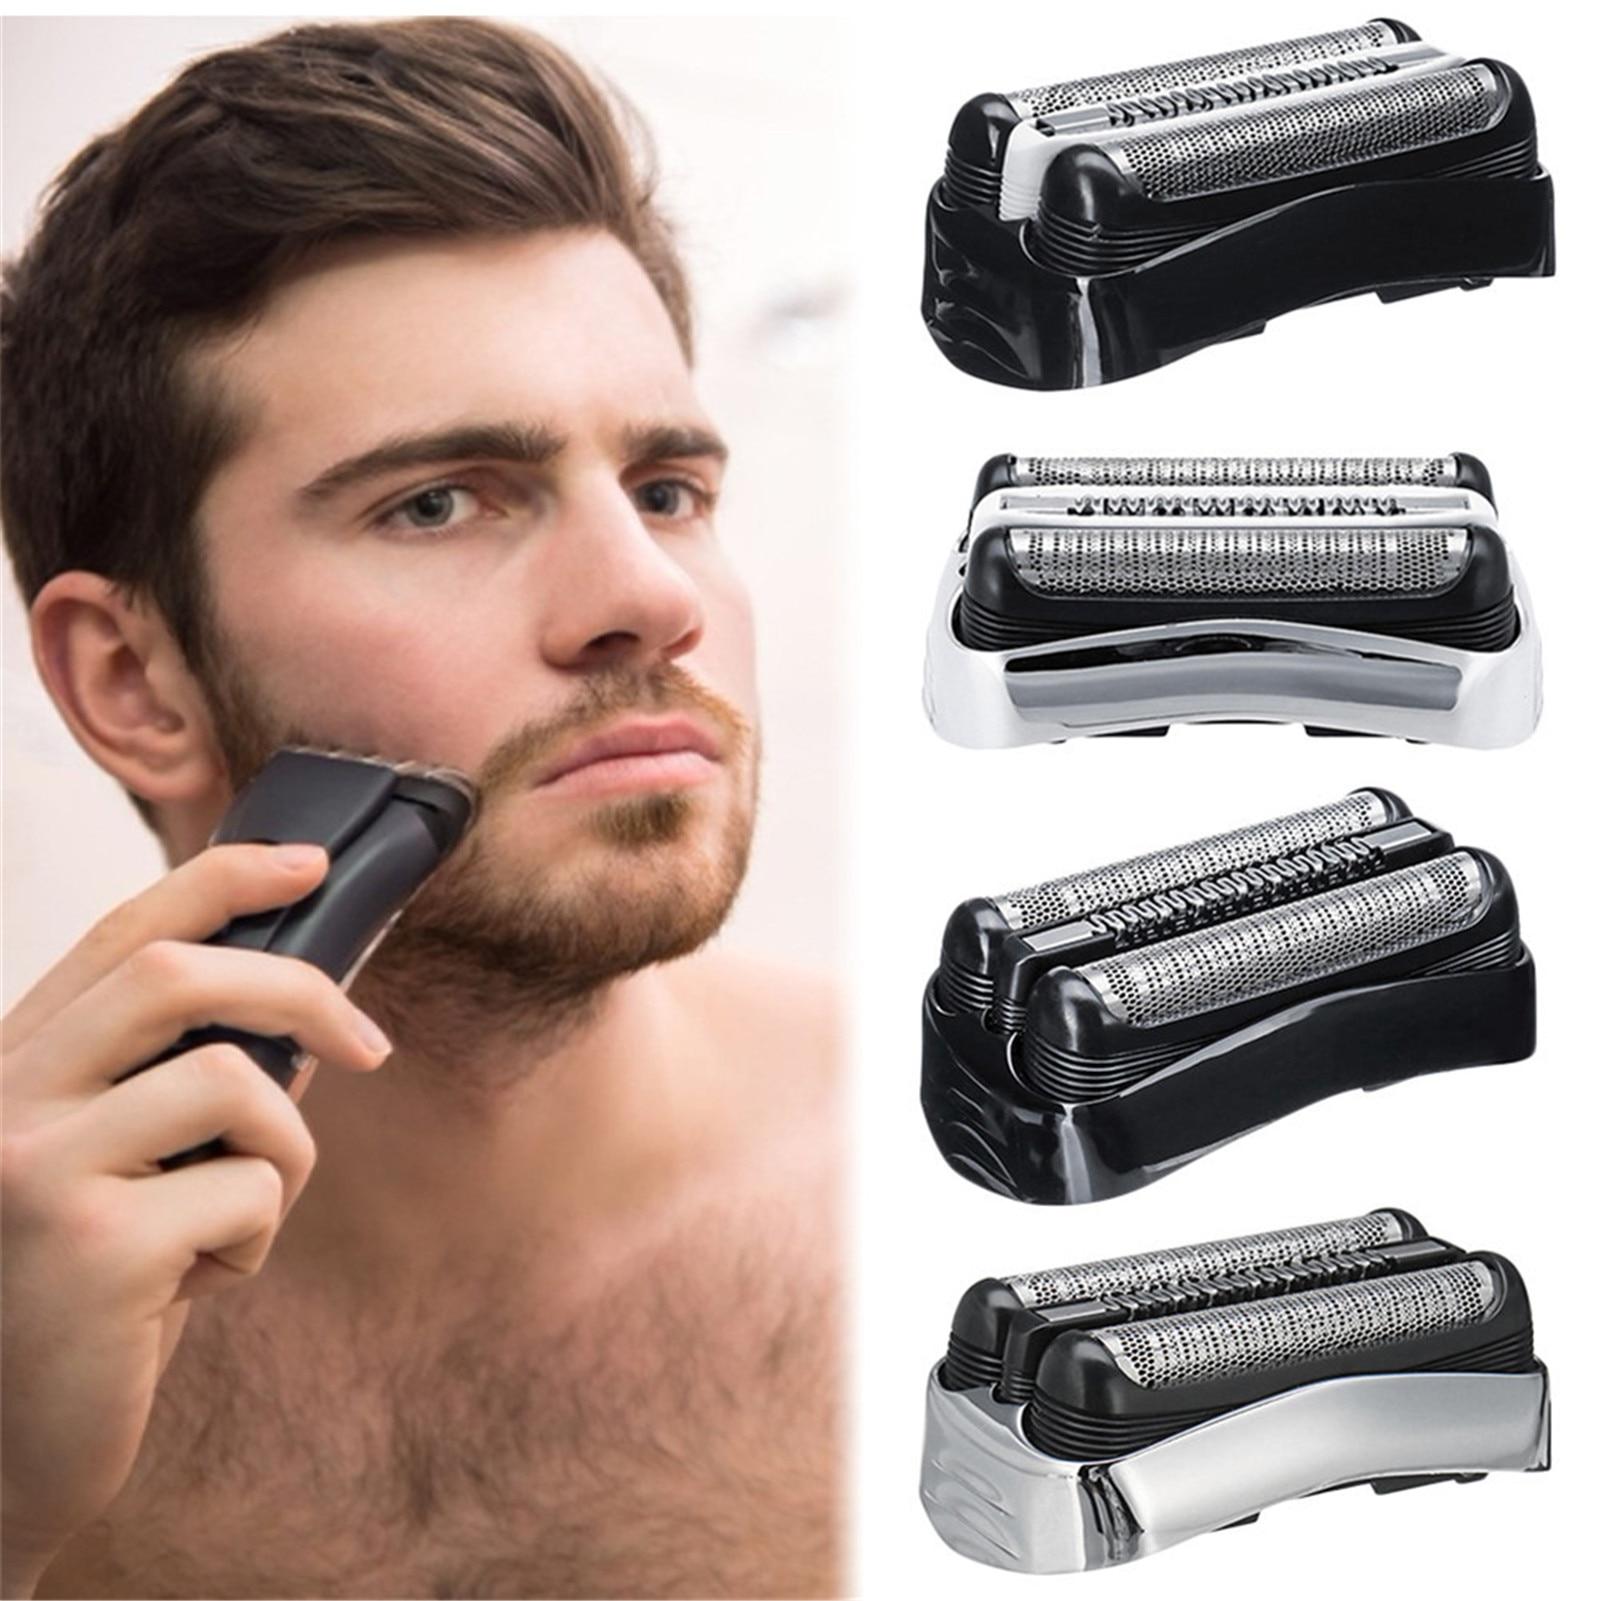 Для зубных щеток Braun Series 3 электробритва замены головки 300S, 301S, 310S, 320S, 330S, 340S, 360S, 380S, 3000S, 3010S, 3020S, 3030S